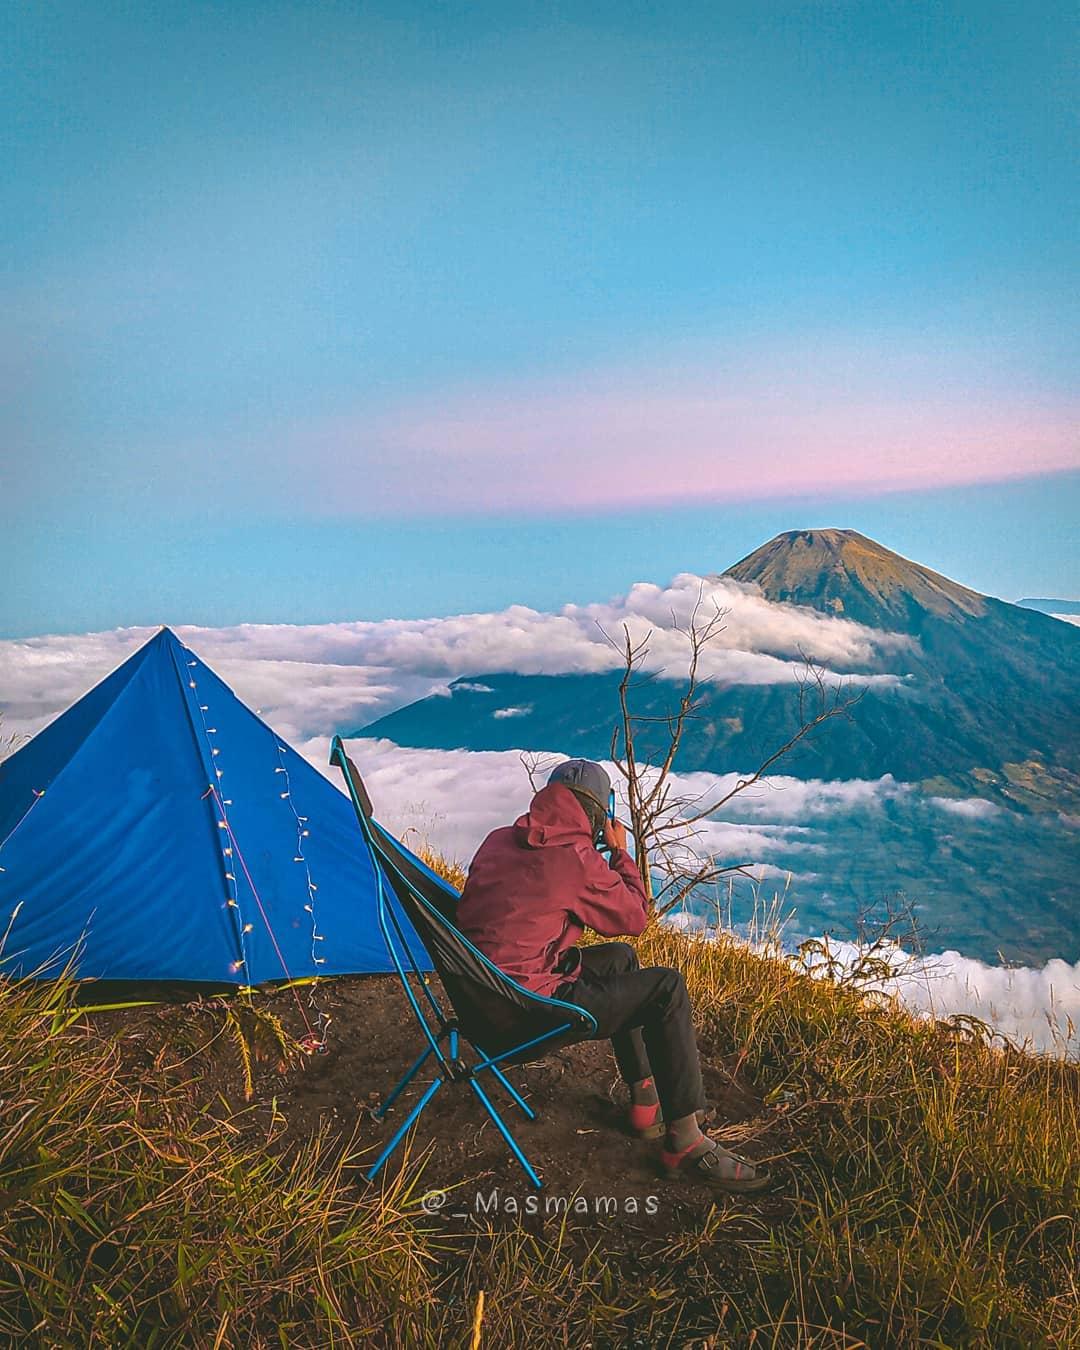 Kisah mistis pendakian gunung sumbing